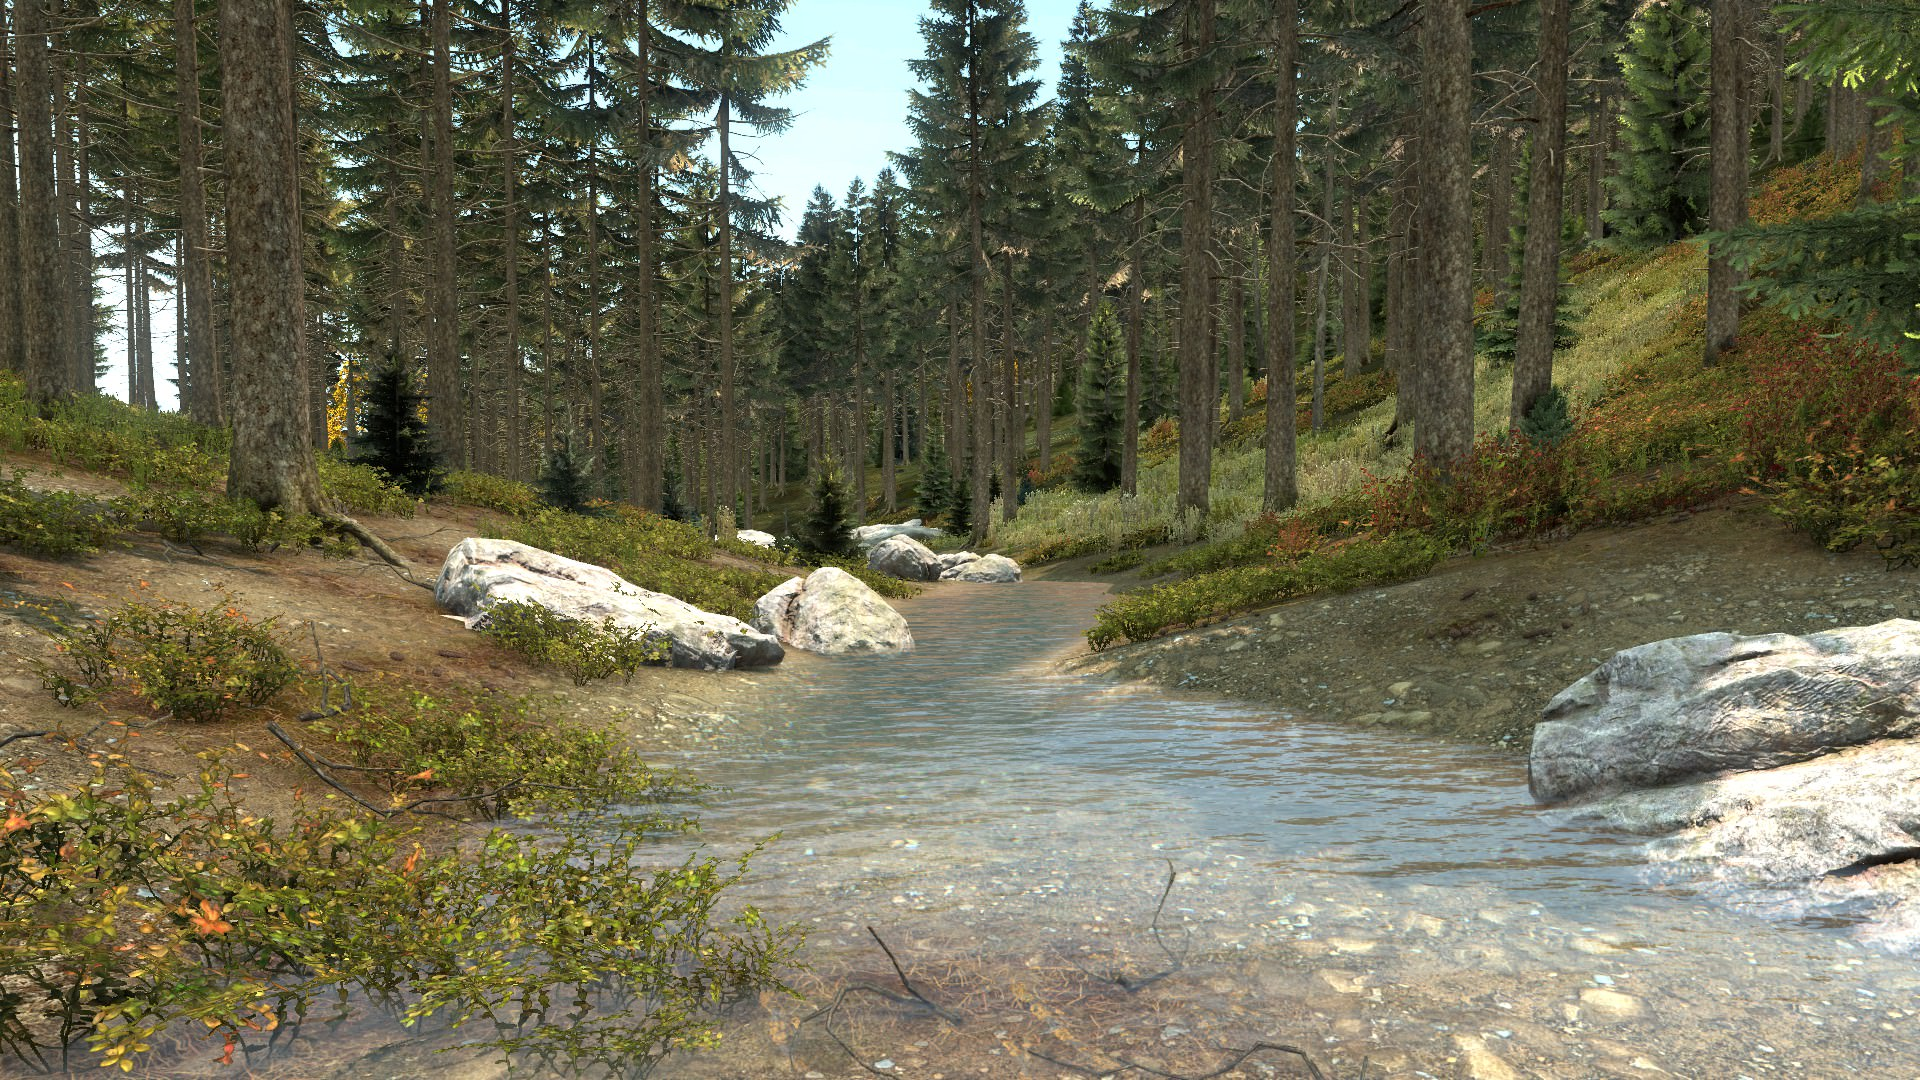 Tvůrci DayZ ukazují potoky a říčky 154973